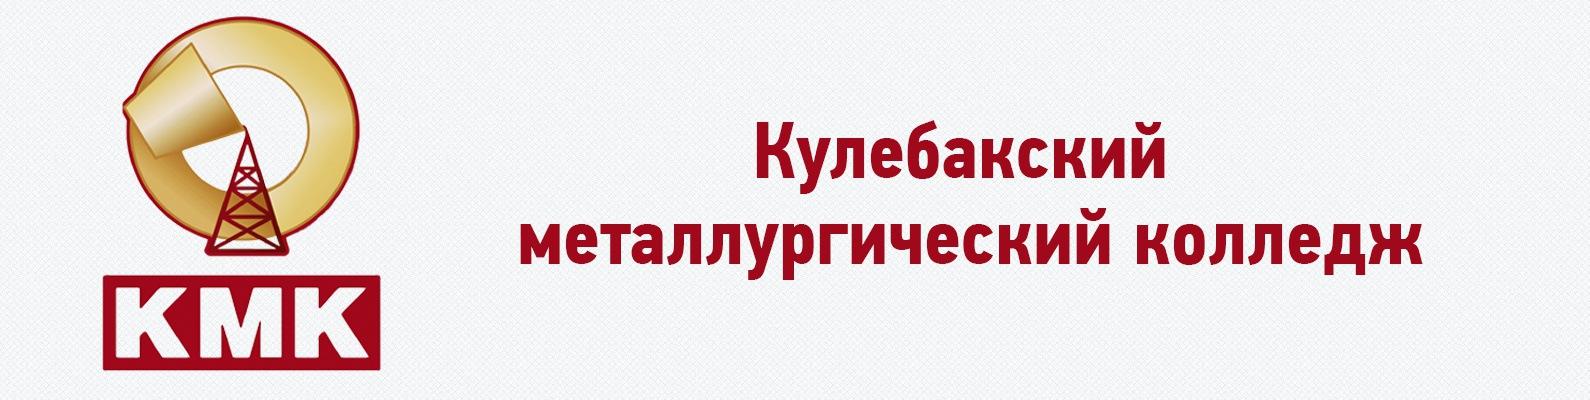 Шишки Без кидалова Домодедово Амфетамин Прайс Ковров